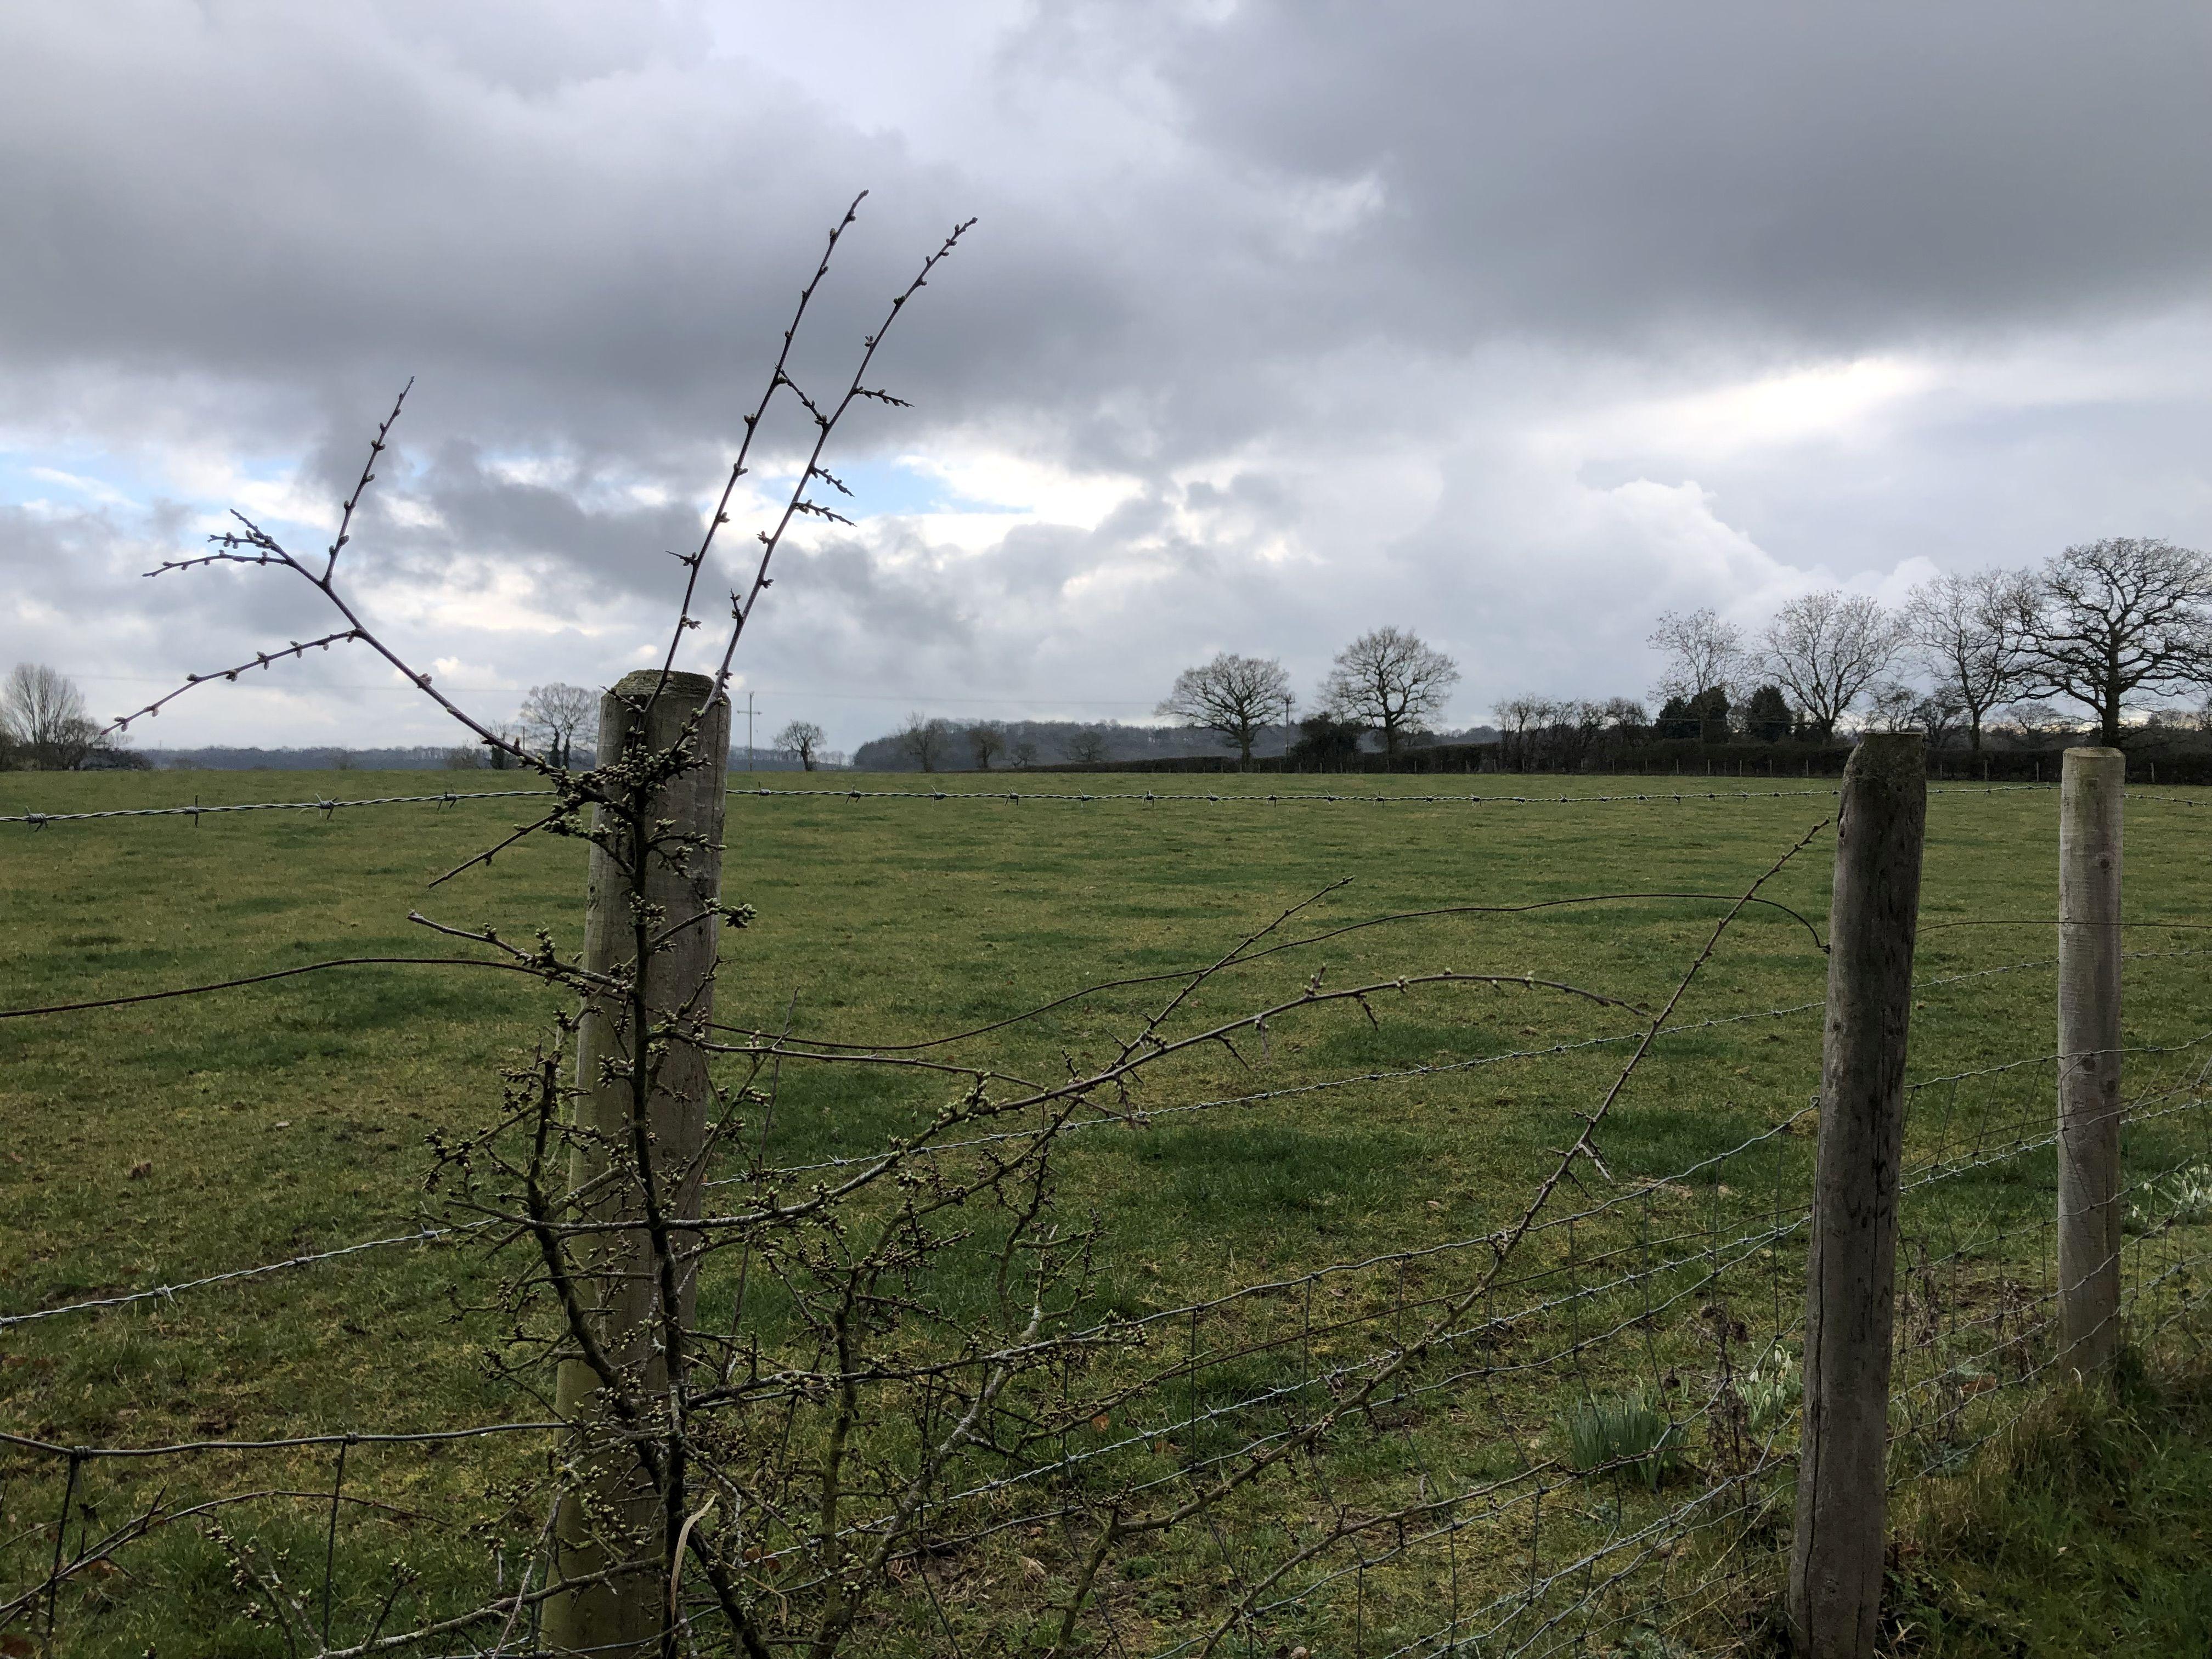 Rural Worcestershire